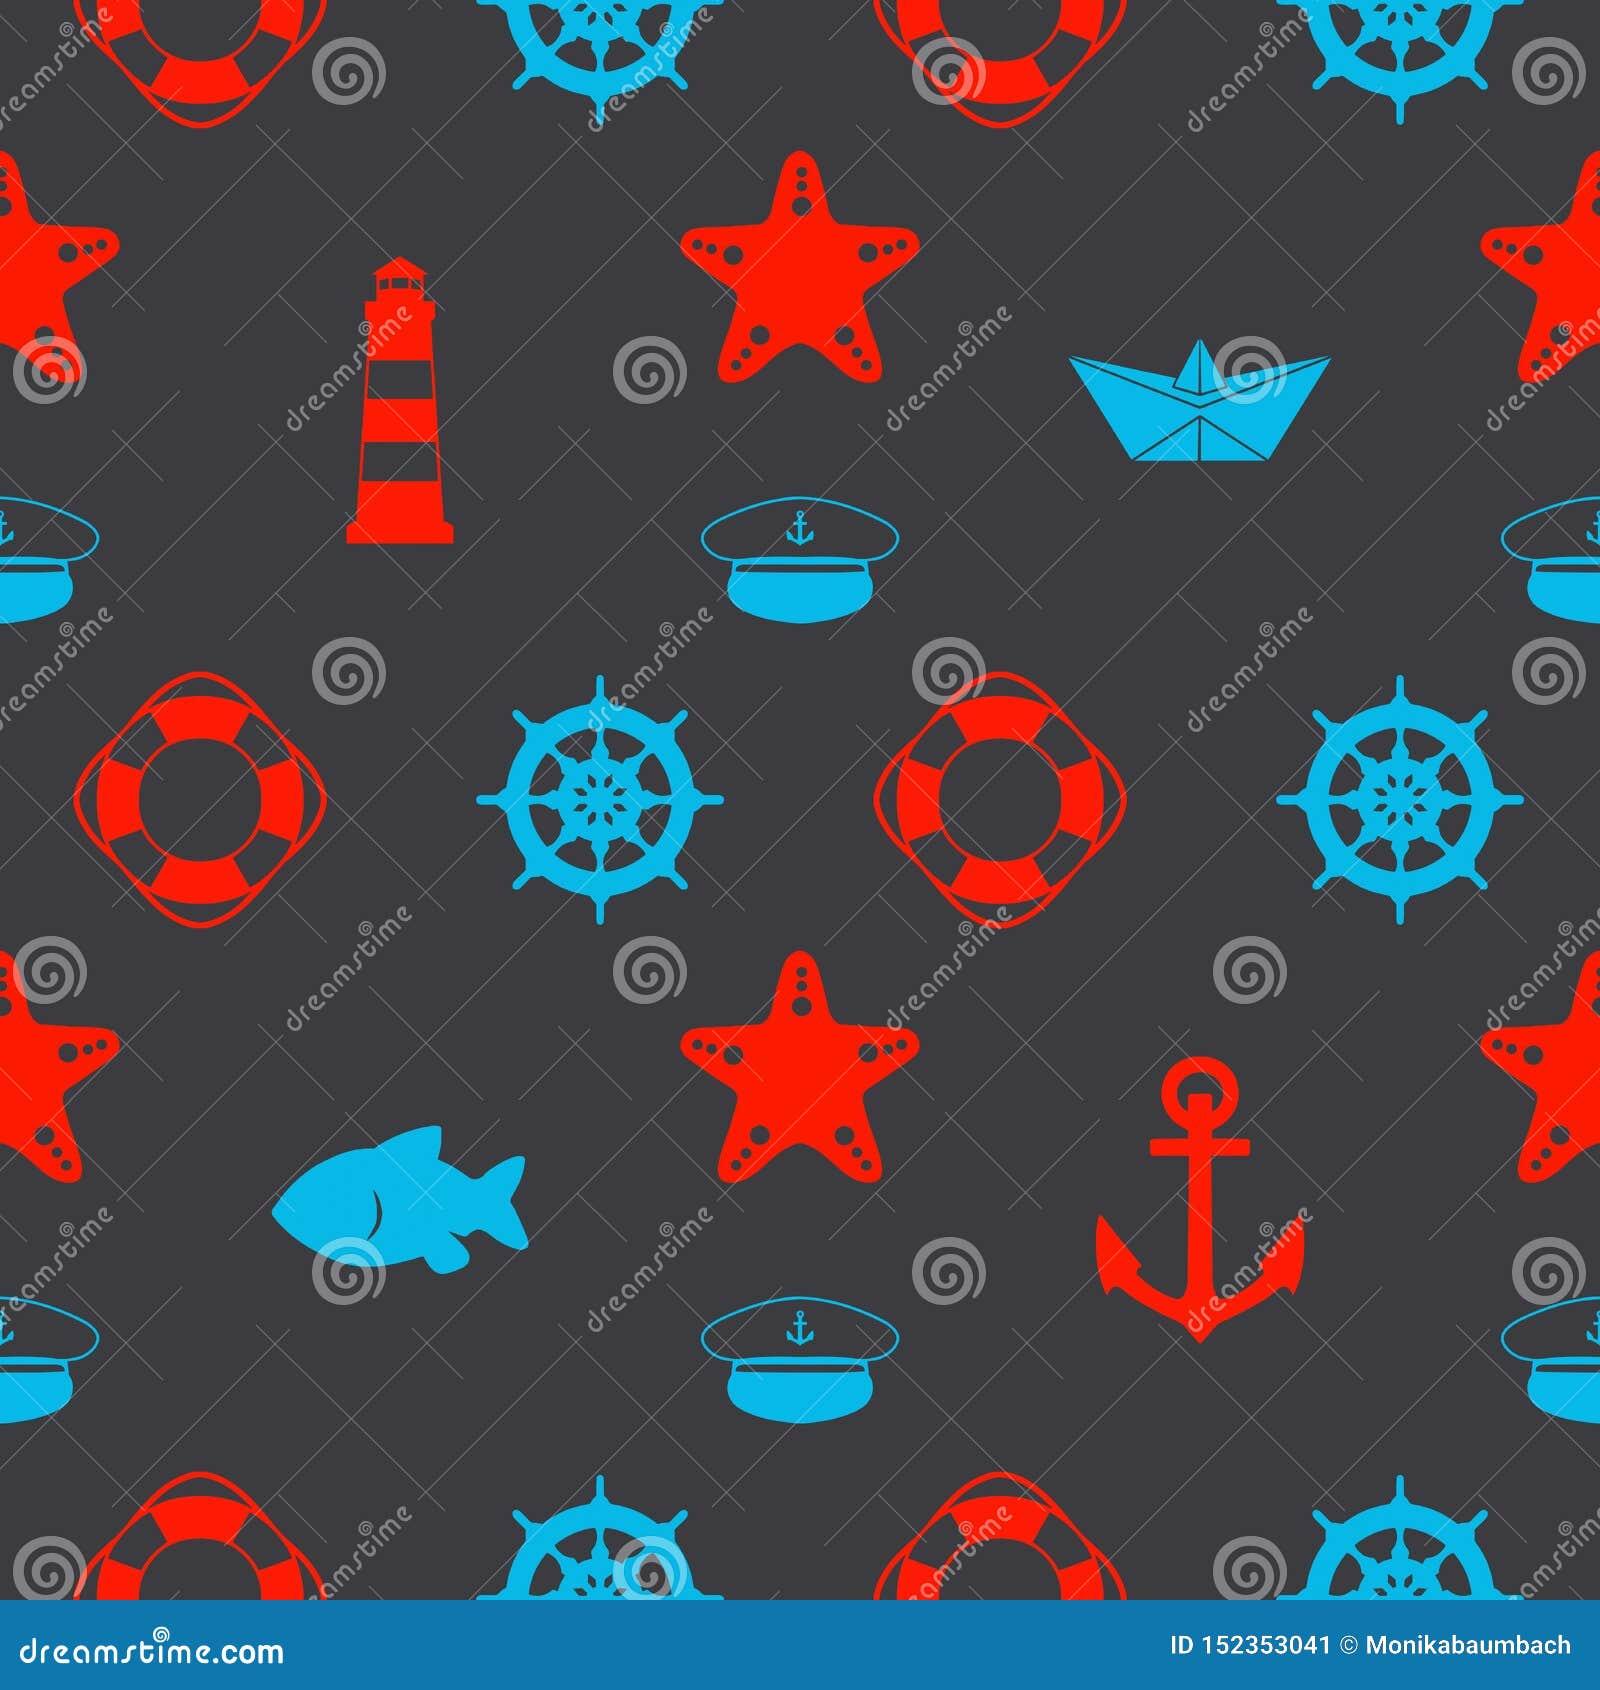 Maritim sömlös modell med röda och blåa nautiska symboler som pappers- skepp, sjömanhatten, ankaren och sjöstjärna på mörk svart